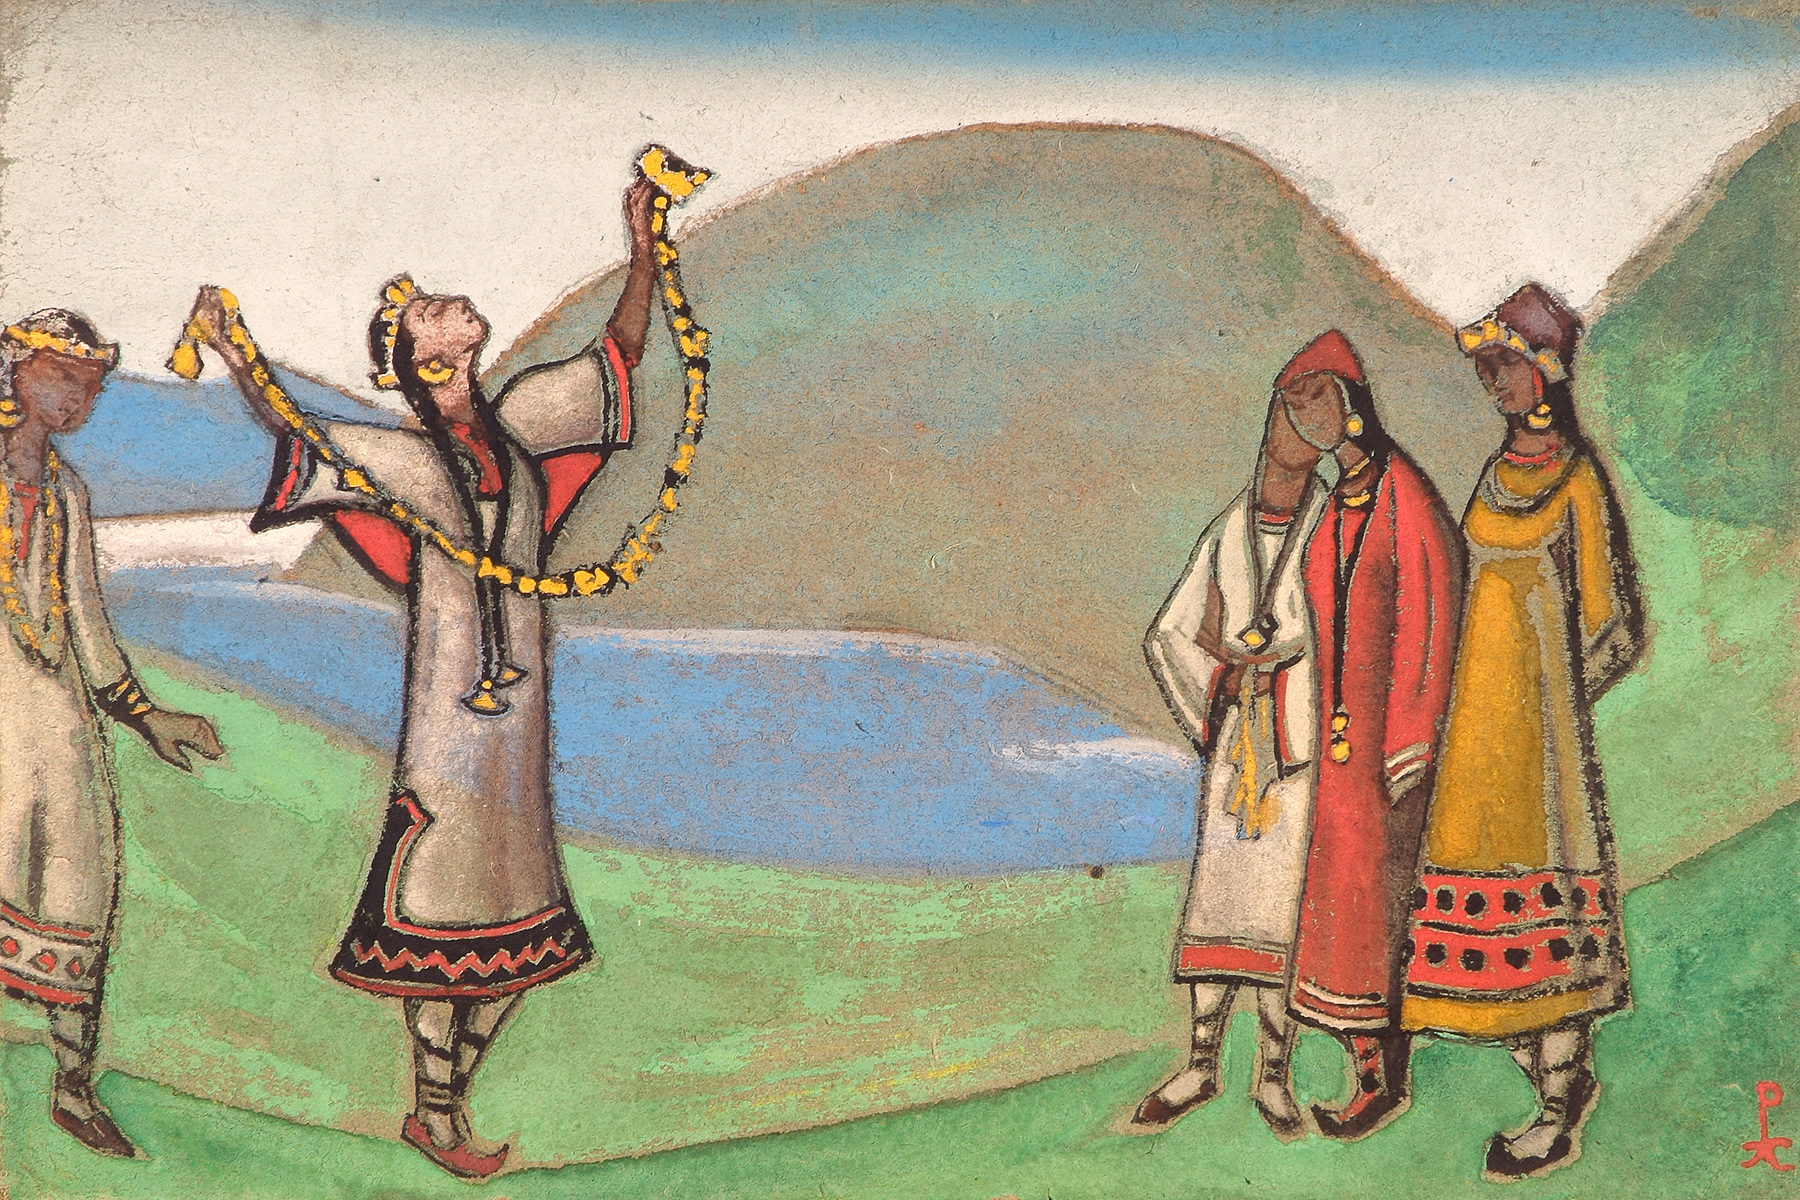 イーゴリ・ストラヴィンスキーによる「春の祭典」は、異教のロシアの世界を我々に見せてくれる。冬の眠りから世界を目覚めさせるために、古代ロシア人が若い少女を春の生け贄とし、少女は死ぬまで踊り続けなければならない。//「春の祭典」の初演のための装飾、1913年